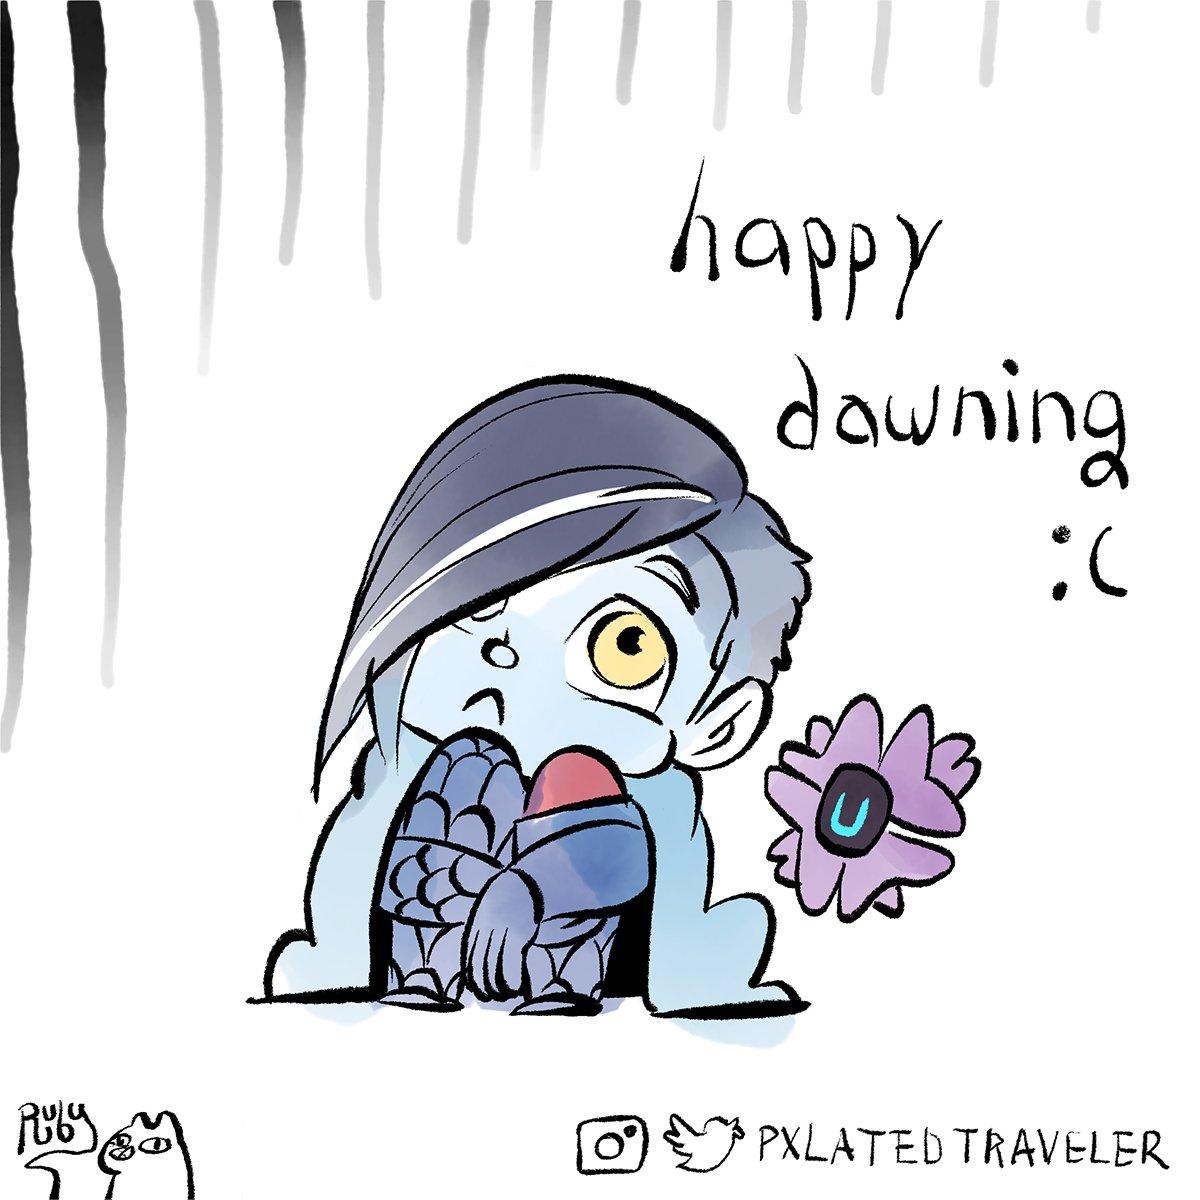 happy dawning :(